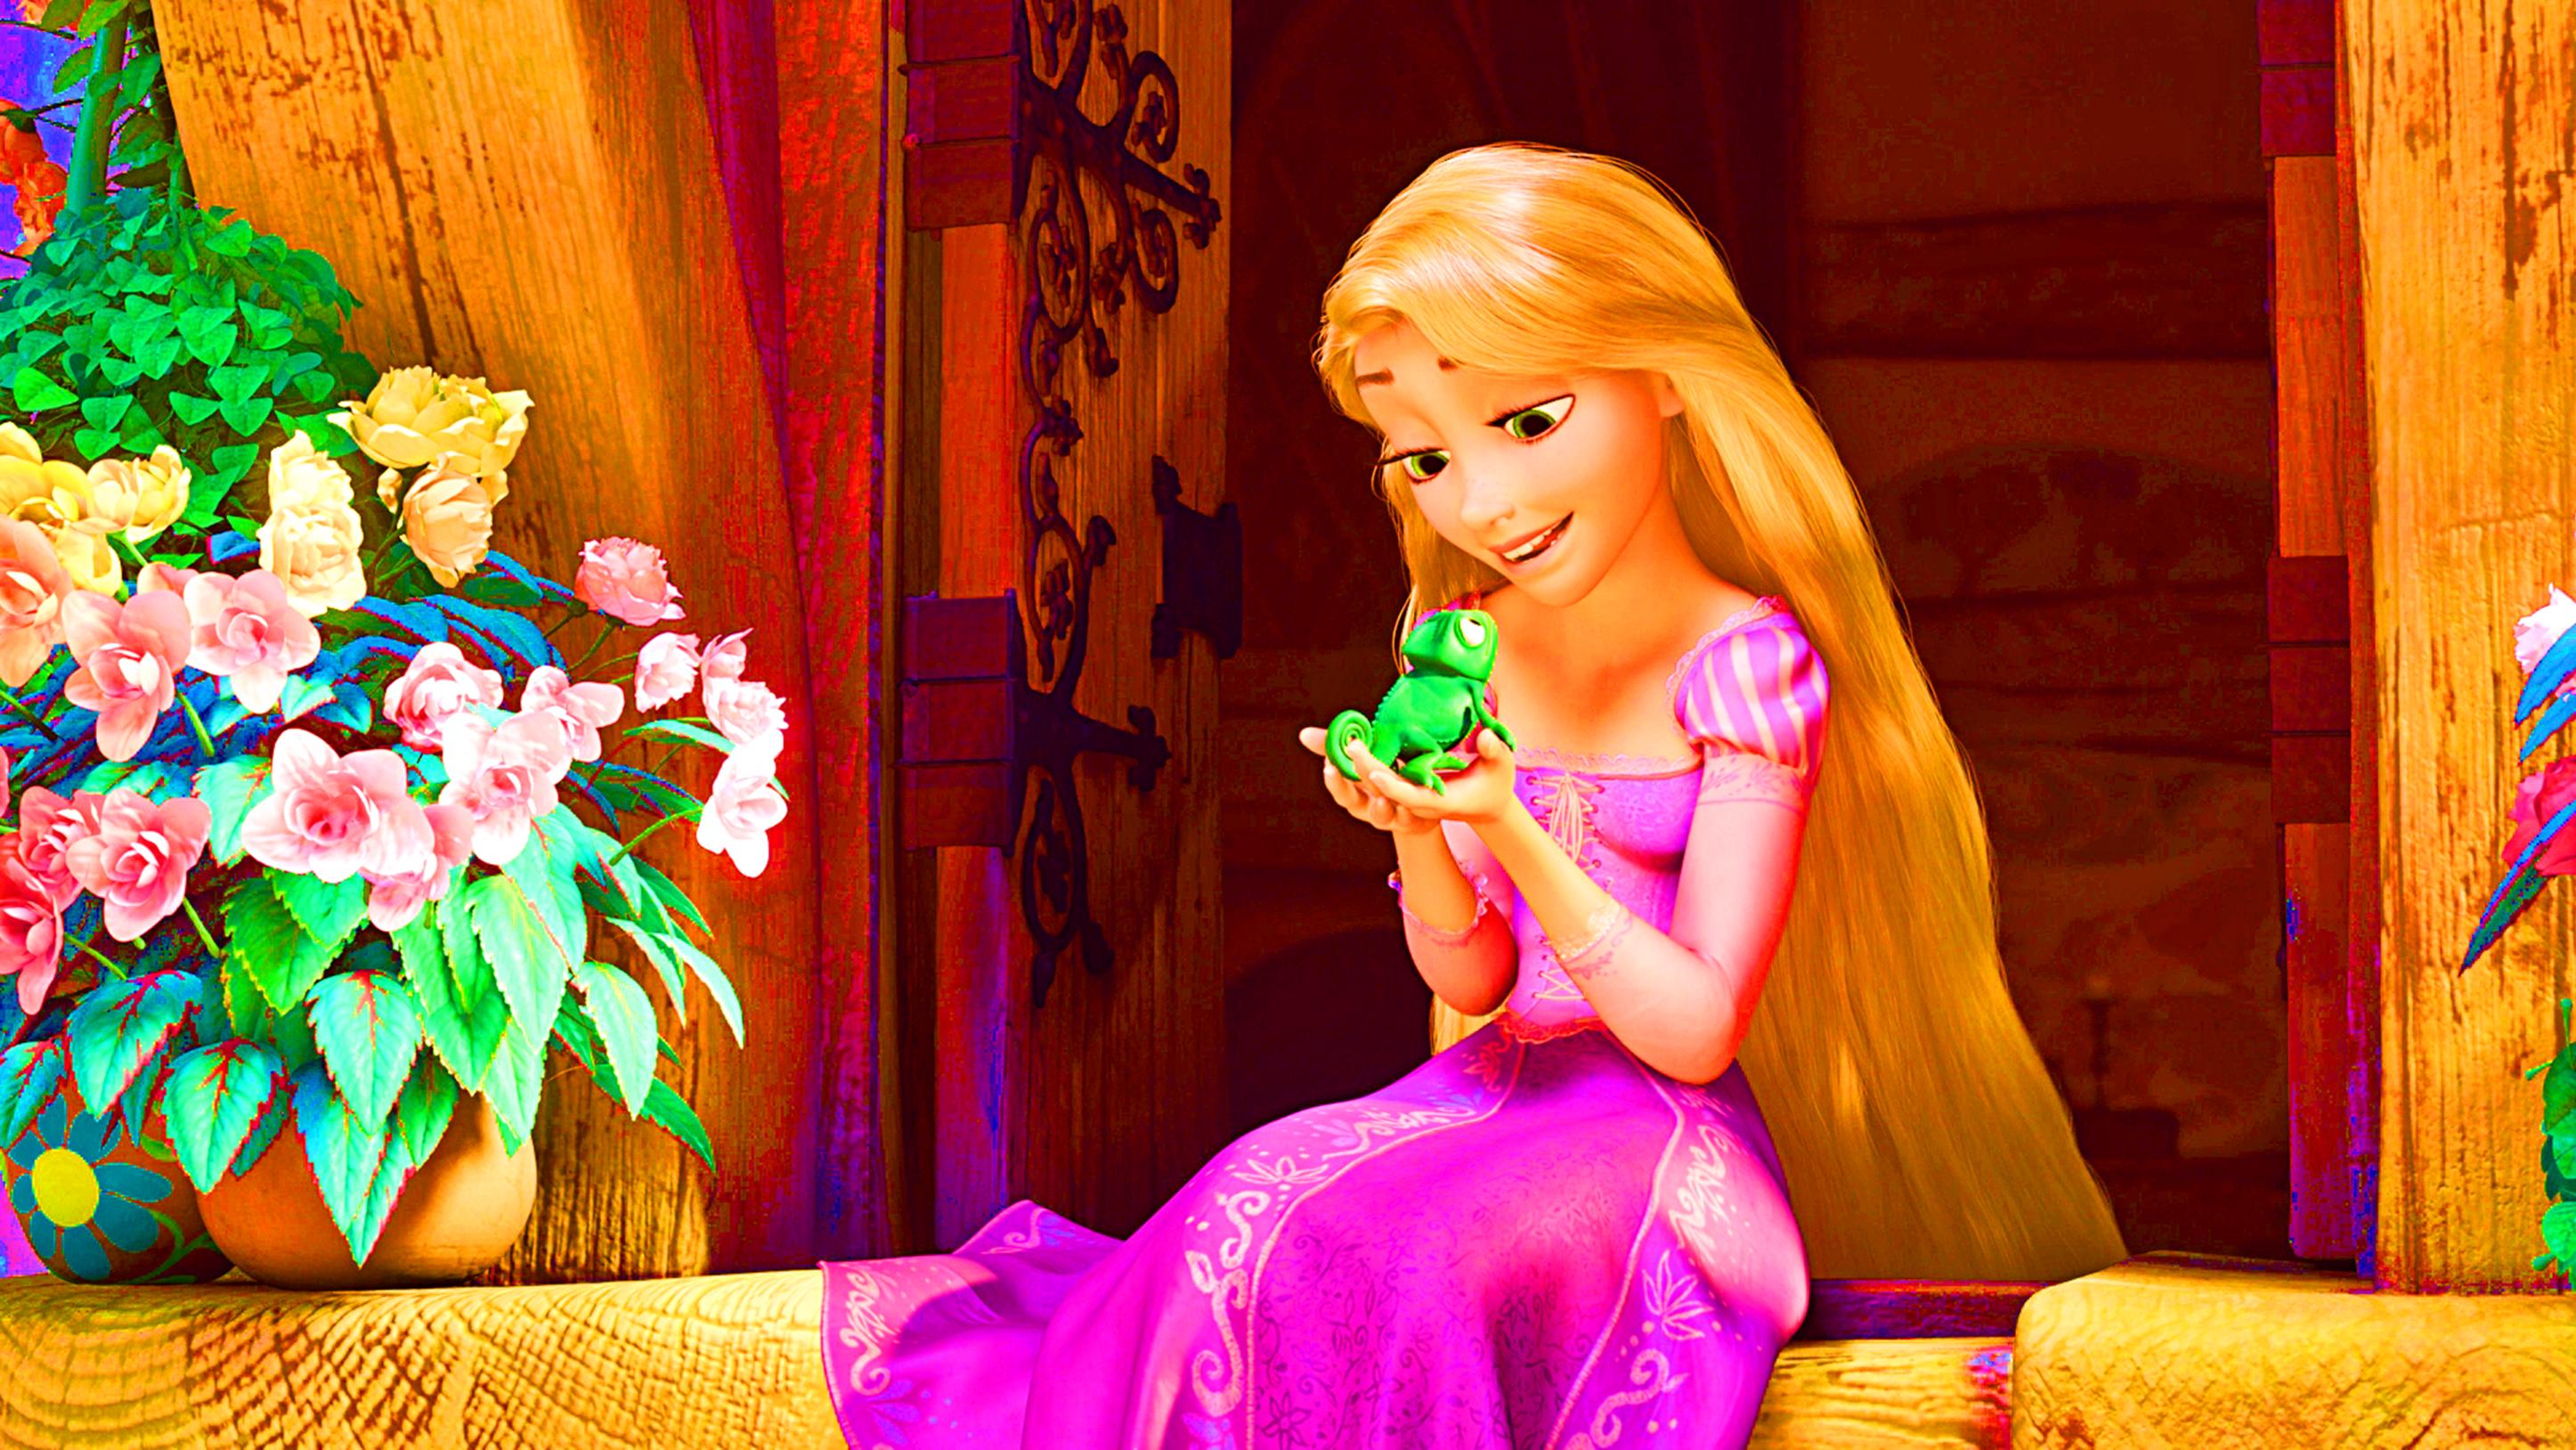 walt disney figuren bilder walt disney screencaps princess